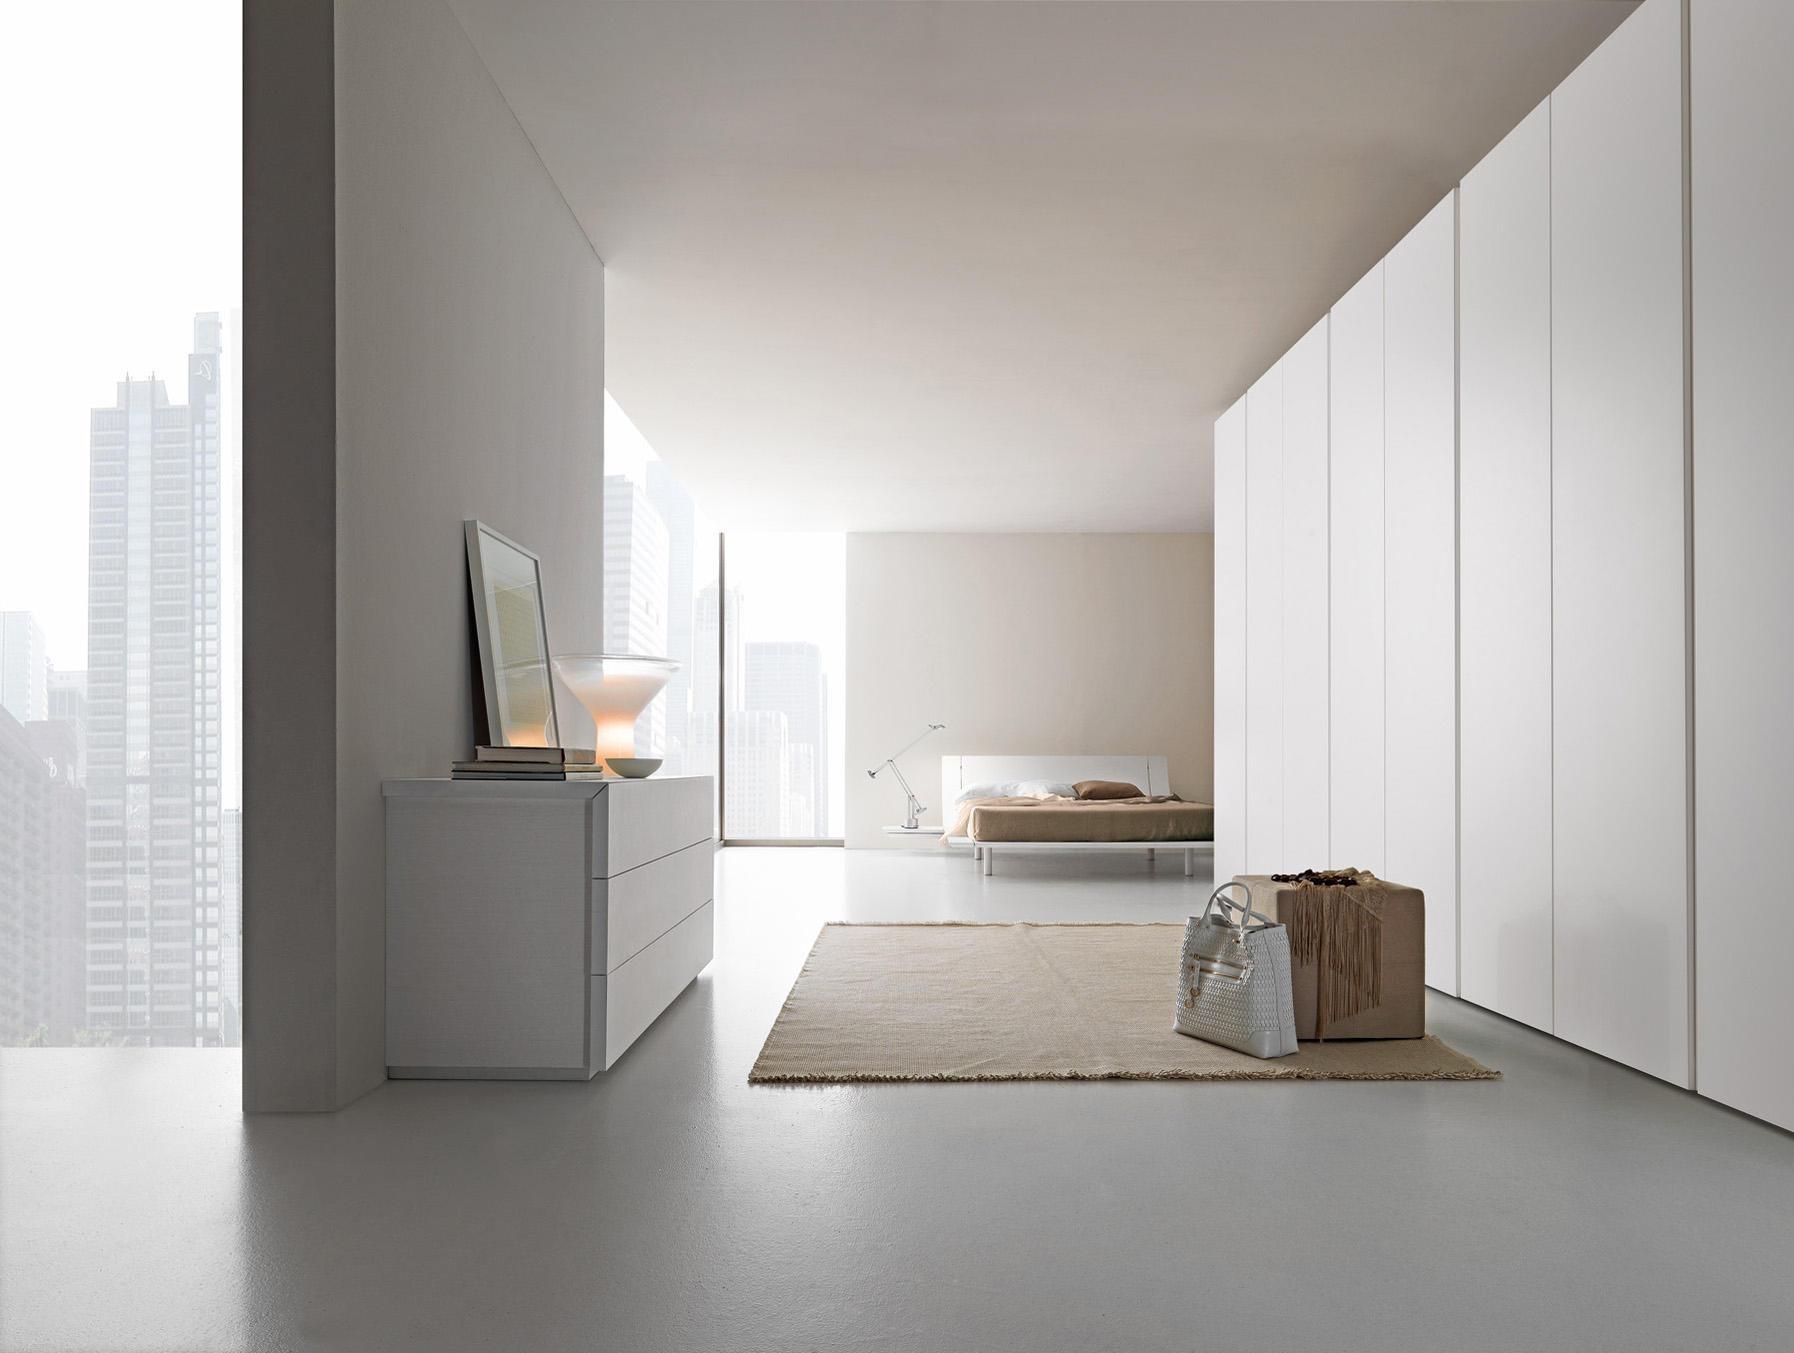 beverly 2 schrank schr nke von presotto architonic. Black Bedroom Furniture Sets. Home Design Ideas